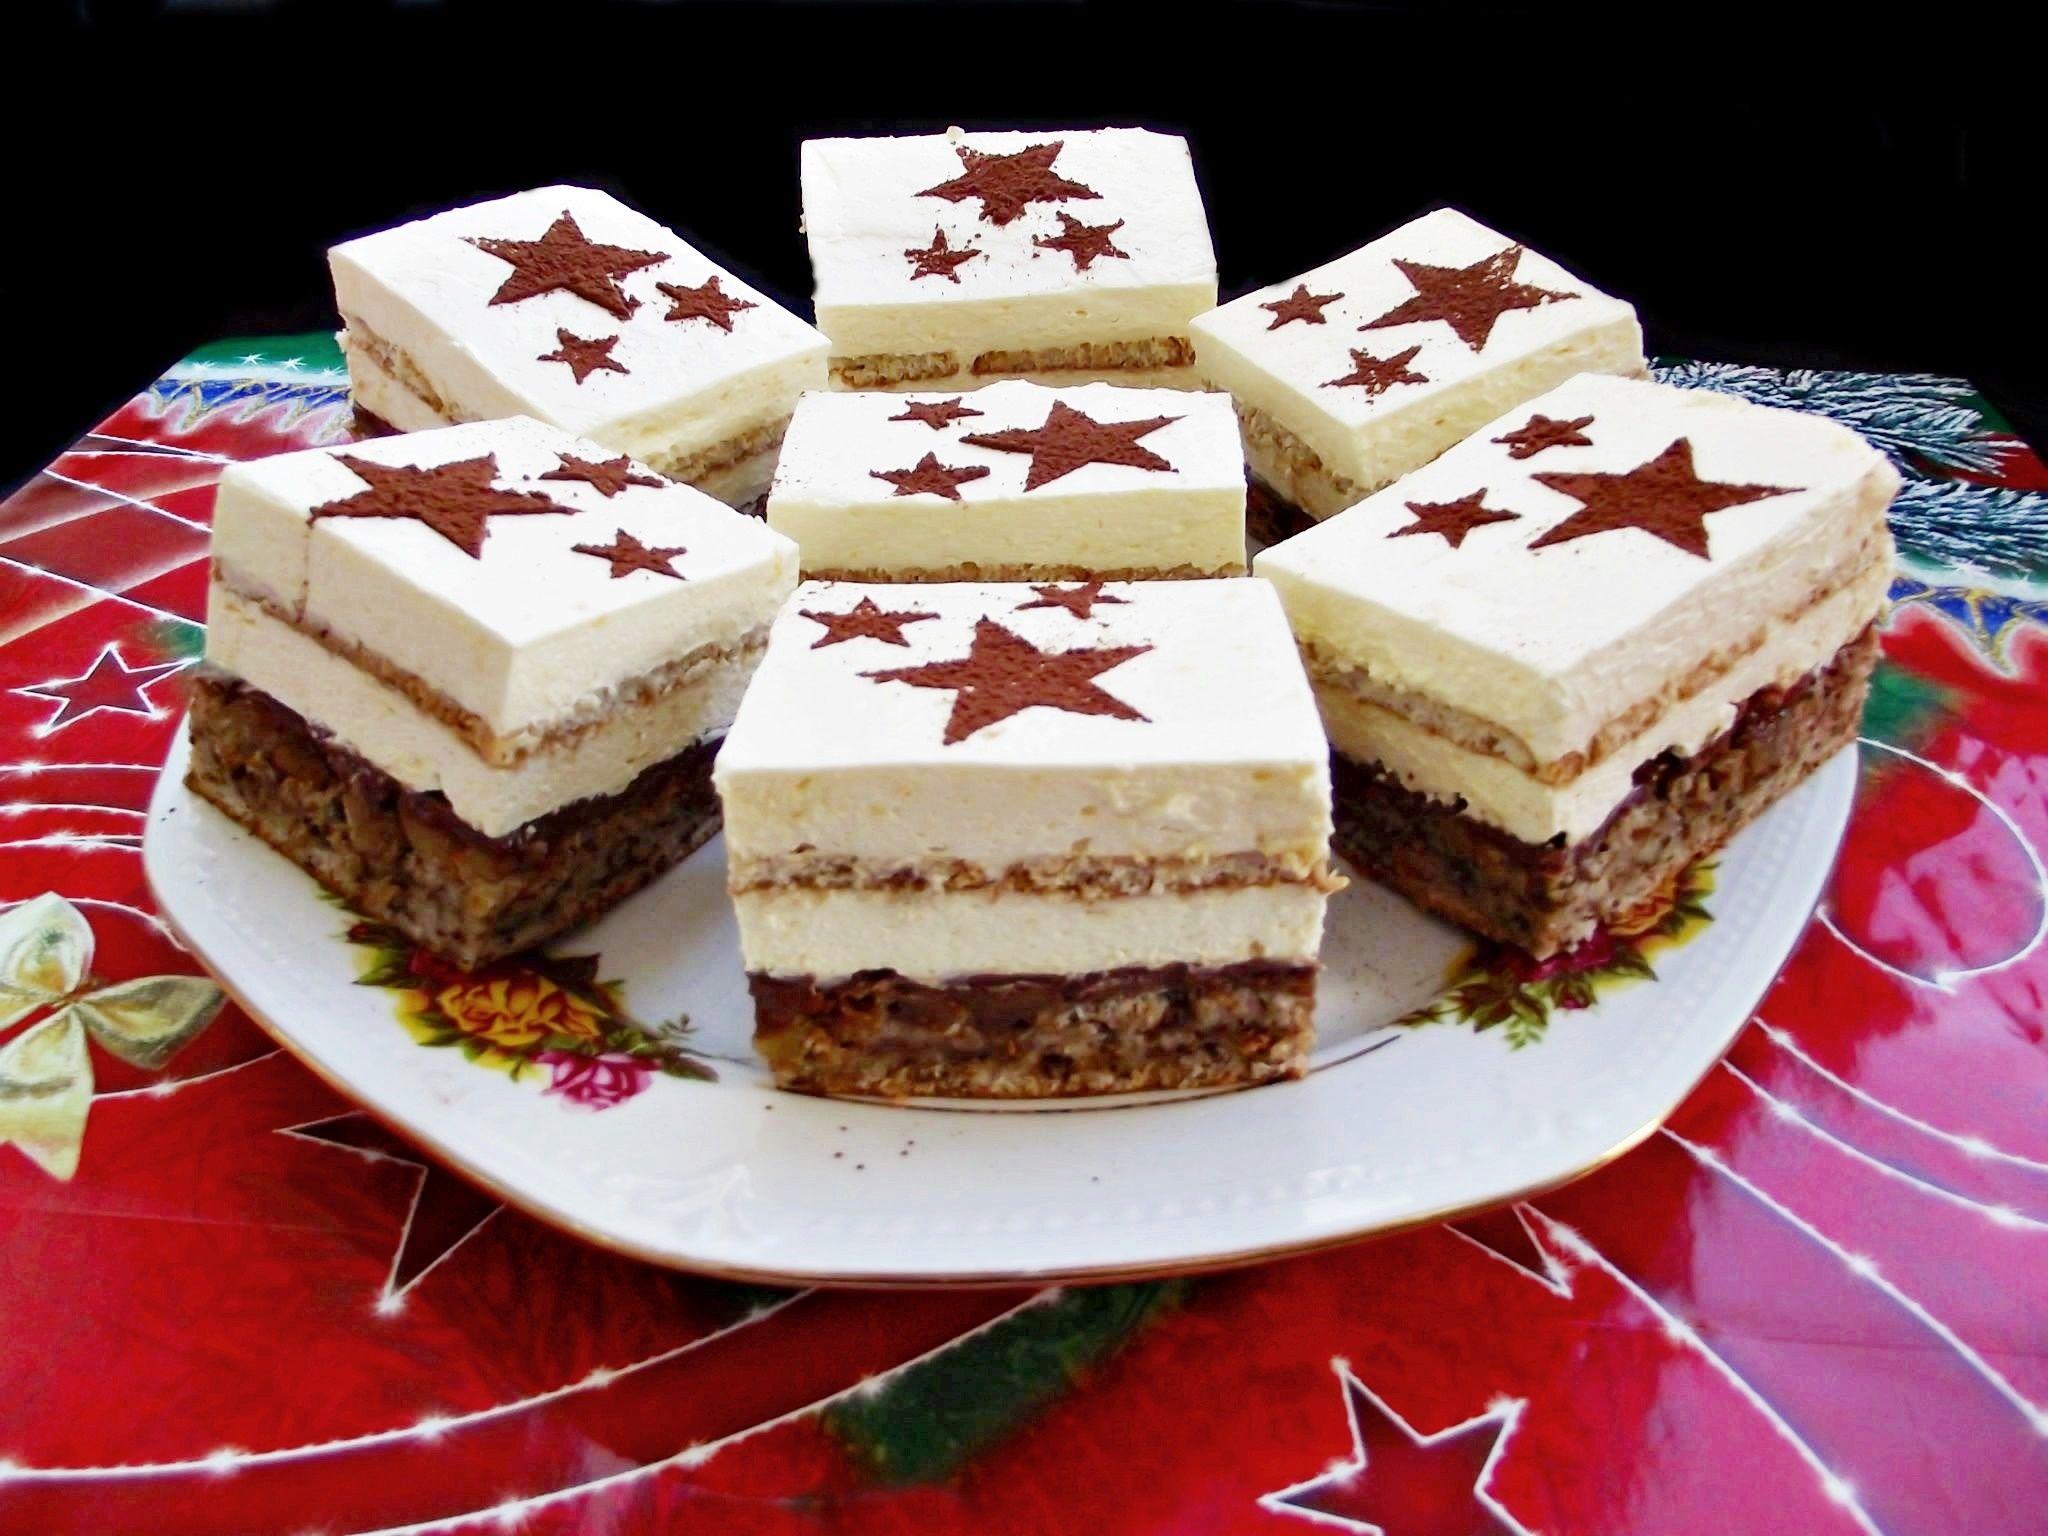 deserturi bune de slabit)